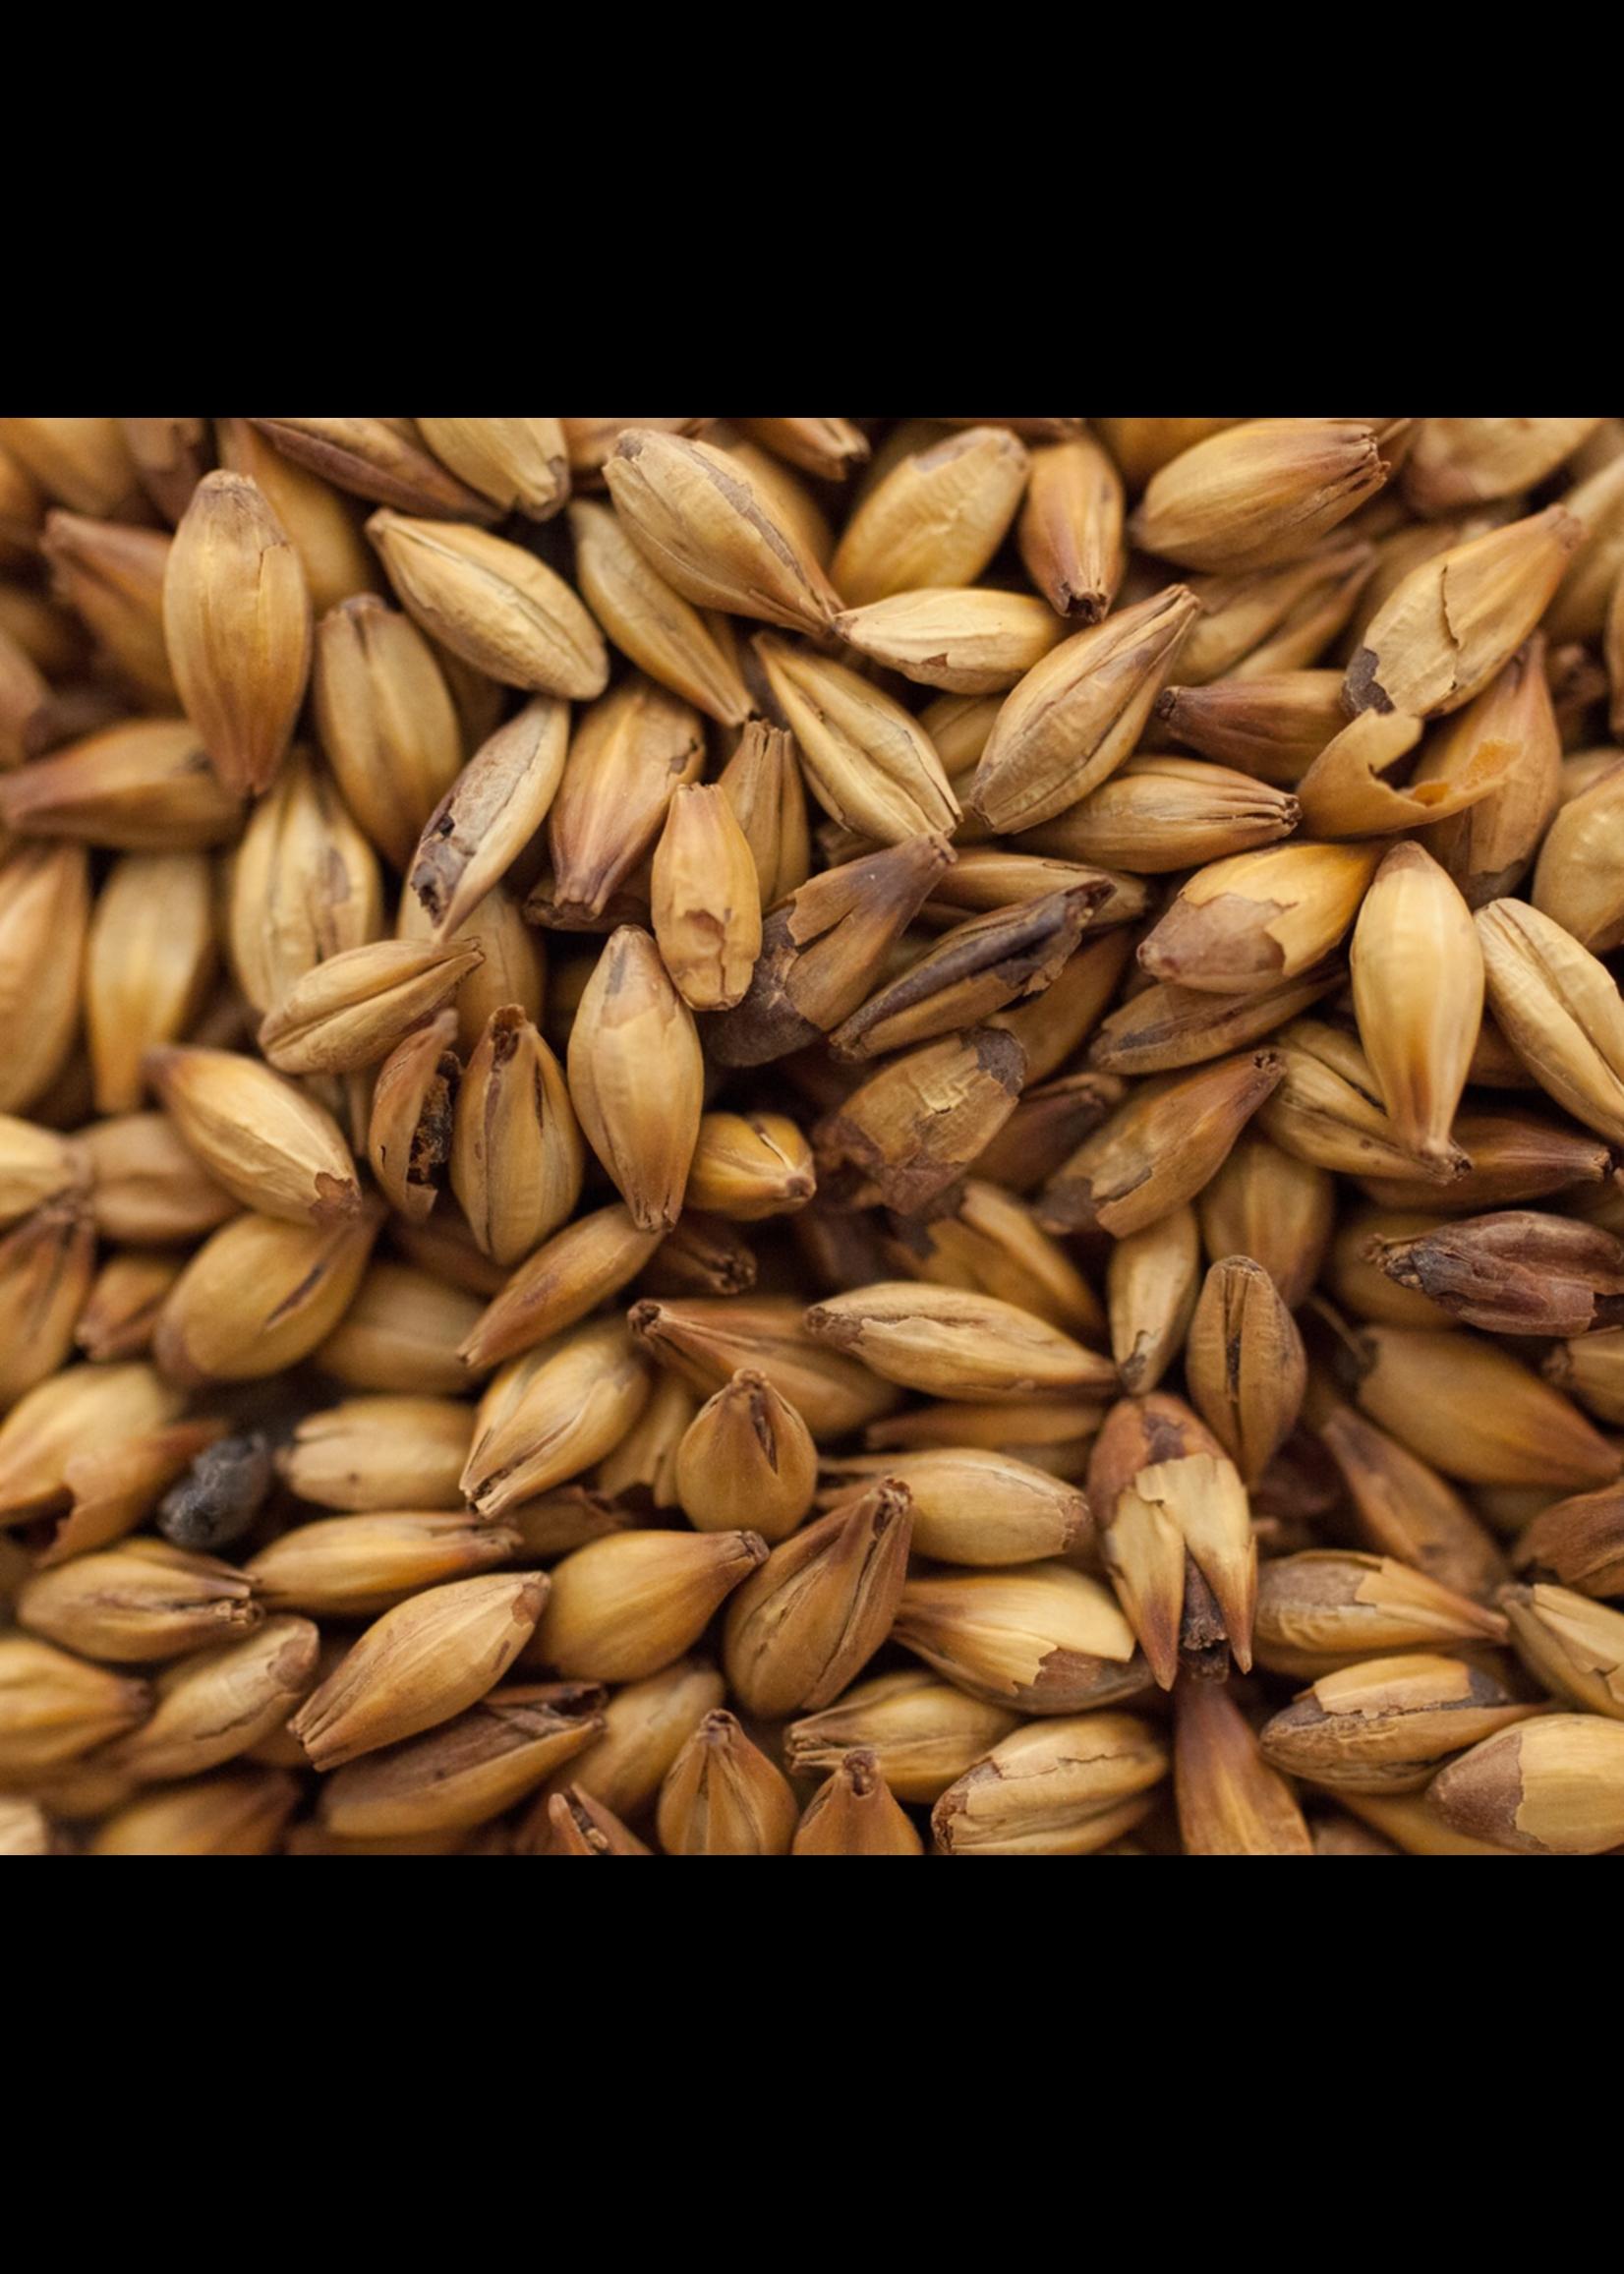 Grain Best Malz Caramel Munich Malt III (65L) - F8 - 1 LB